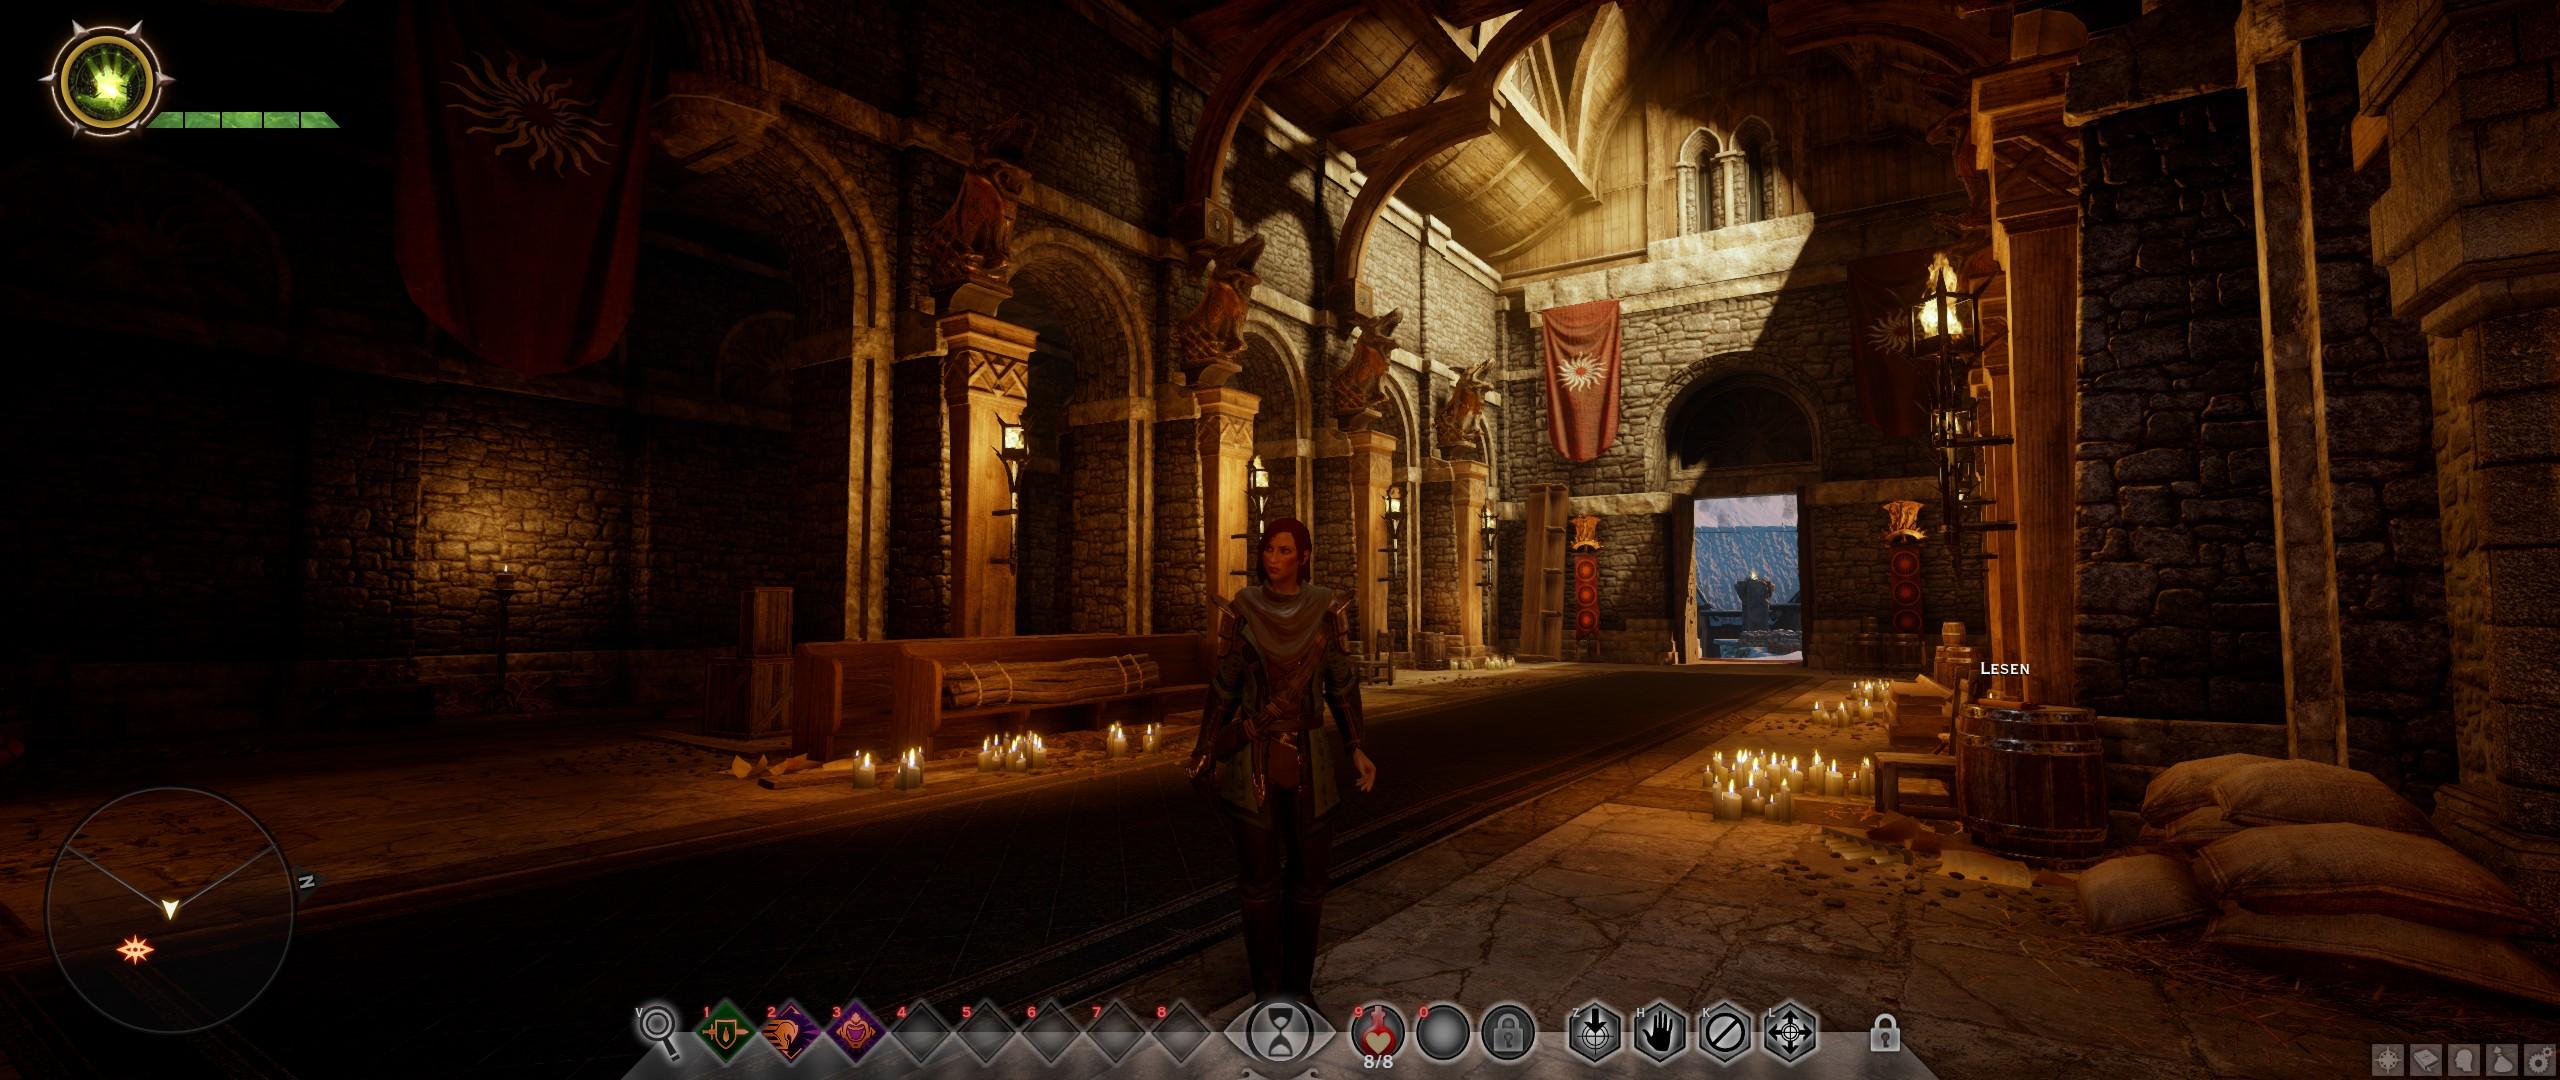 ScreenshotWin32_0004_Final